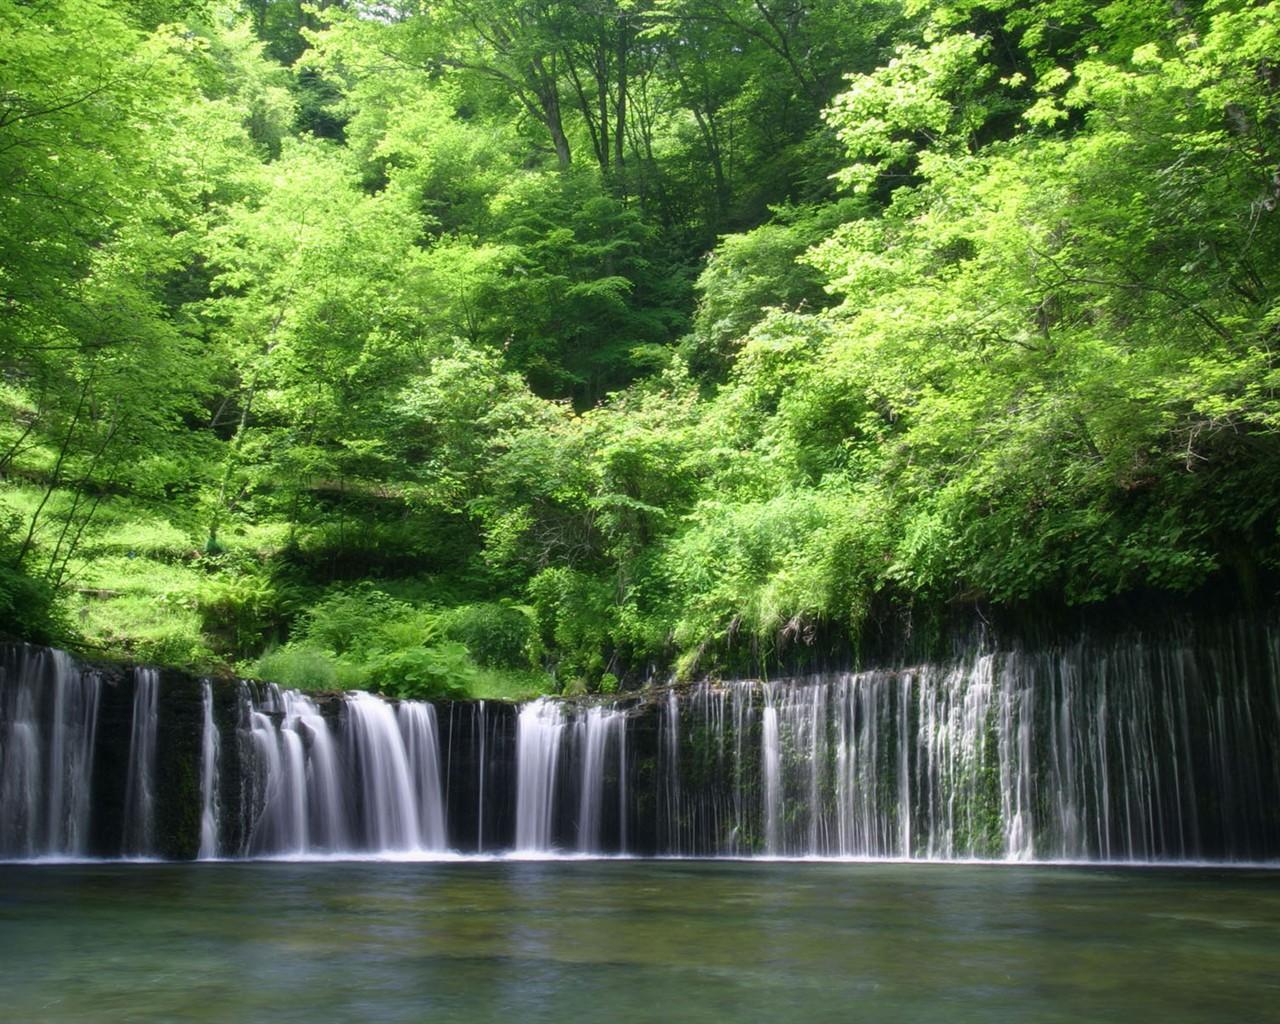 日本の自然風景壁紙 8 1280x1024 壁紙ダウンロード 日本の自然風景壁紙 風景 壁紙 V3の壁紙